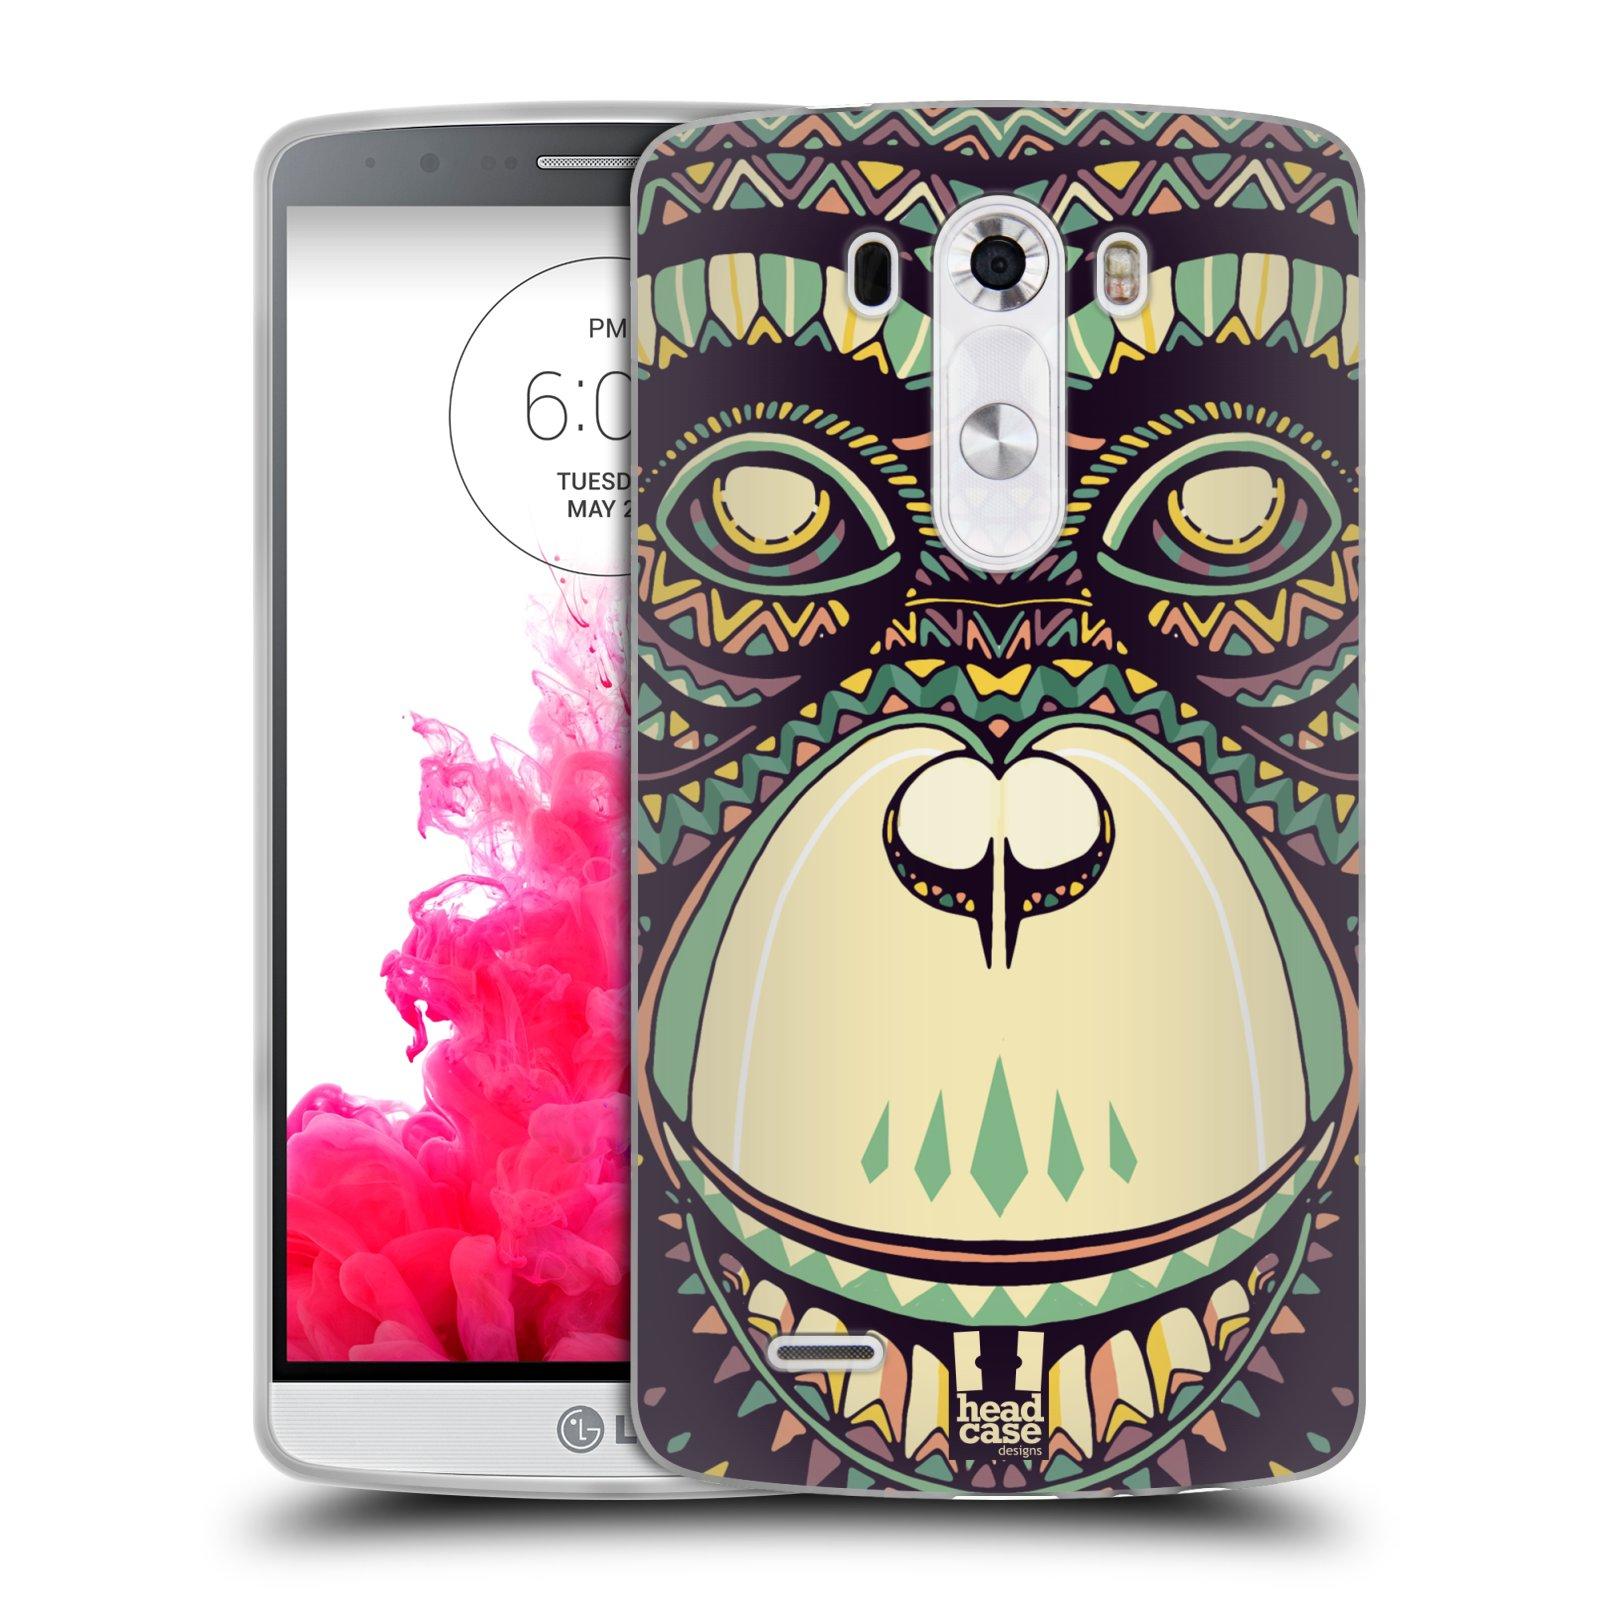 Silikonové pouzdro na mobil LG G3 HEAD CASE AZTEC ŠIMPANZ (Silikonový kryt či obal na mobilní telefon LG G3 D855)